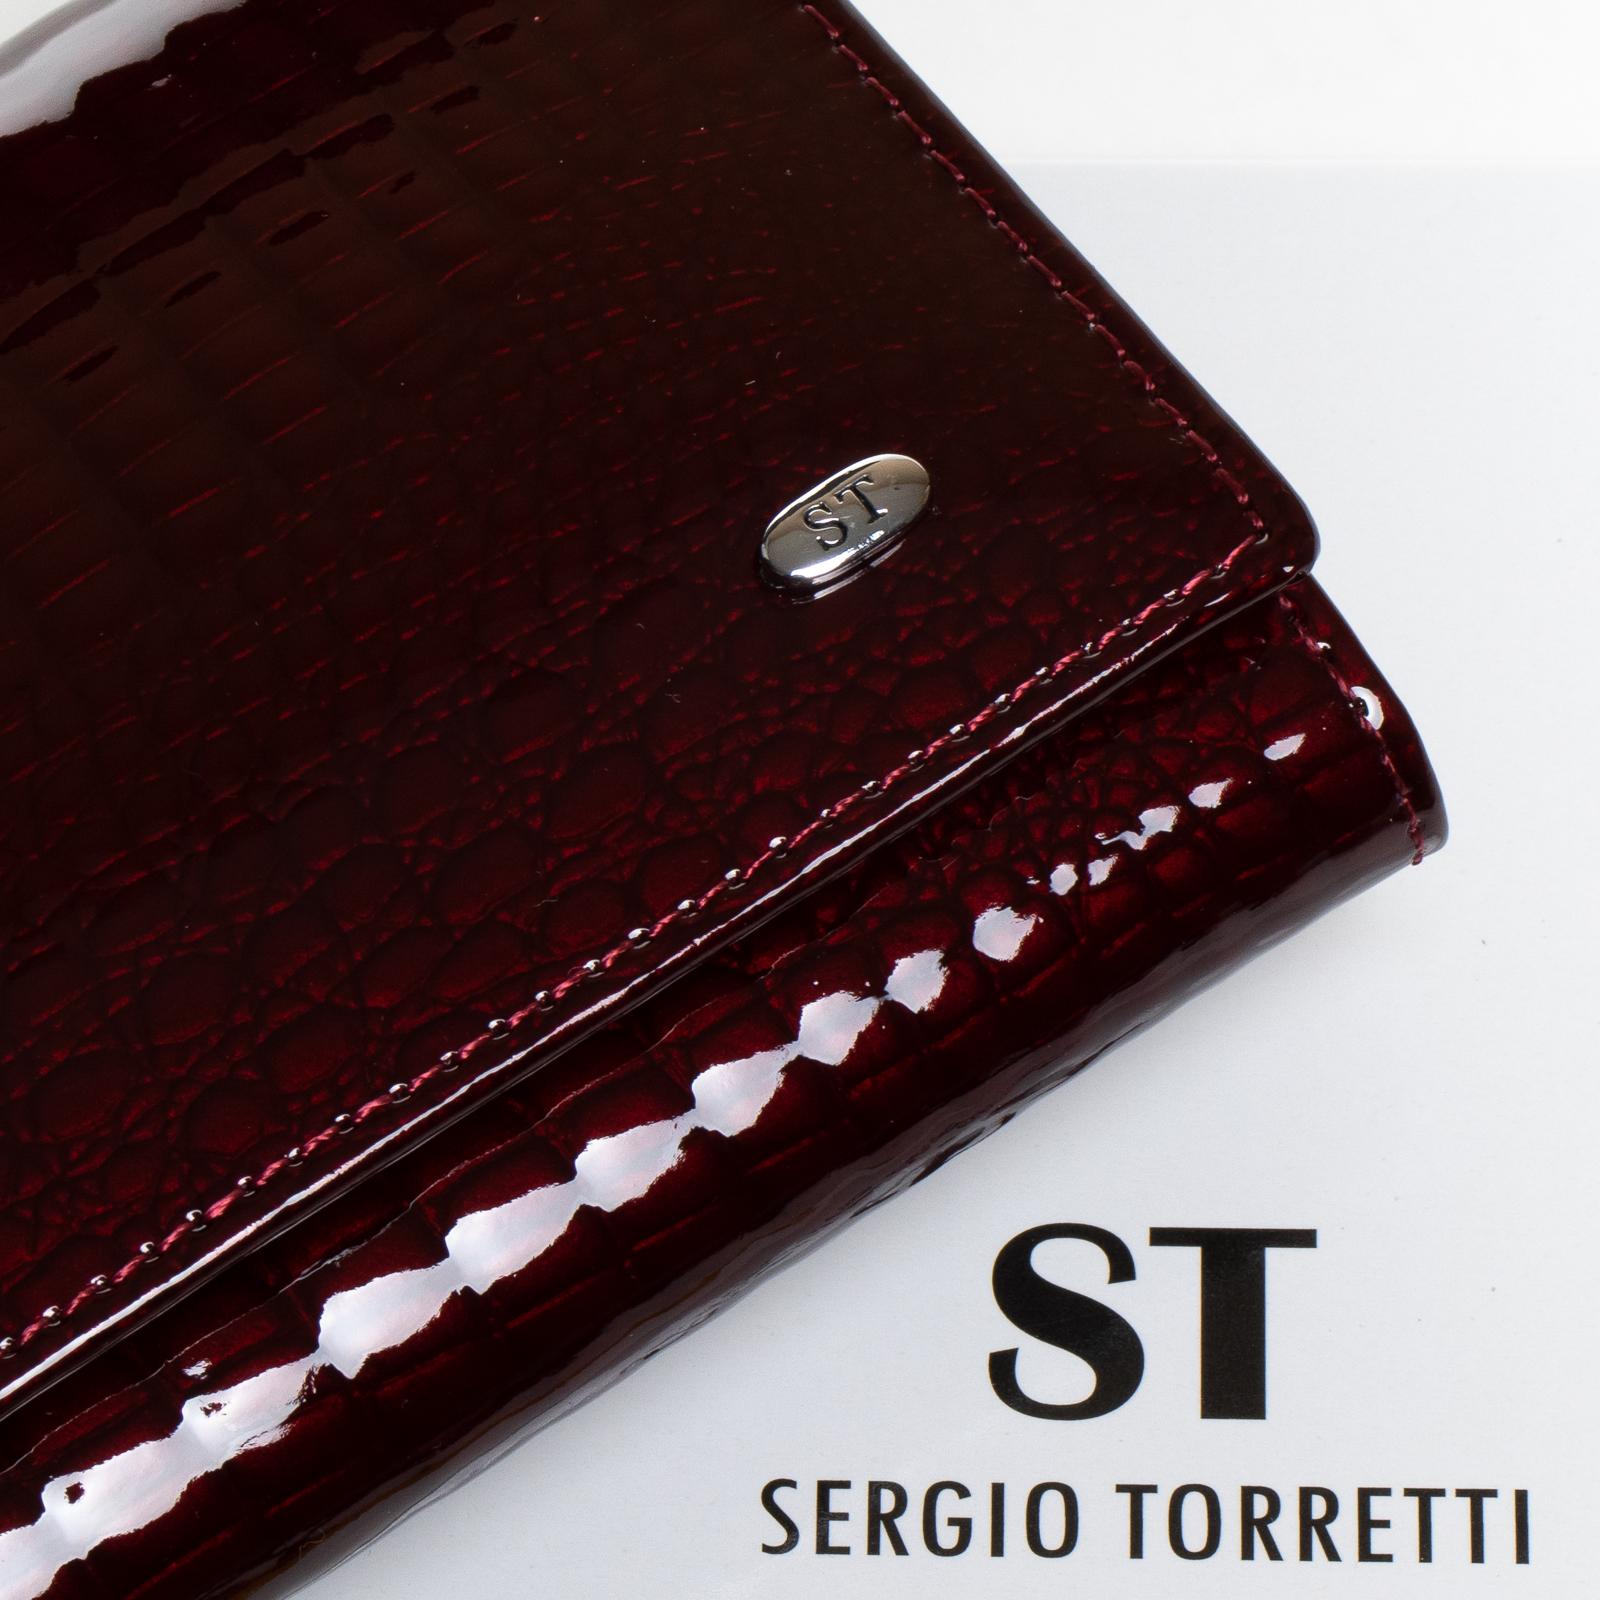 Кошелек LR кожа-лак SERGIO TORRETTI W501 bordo - фото 3